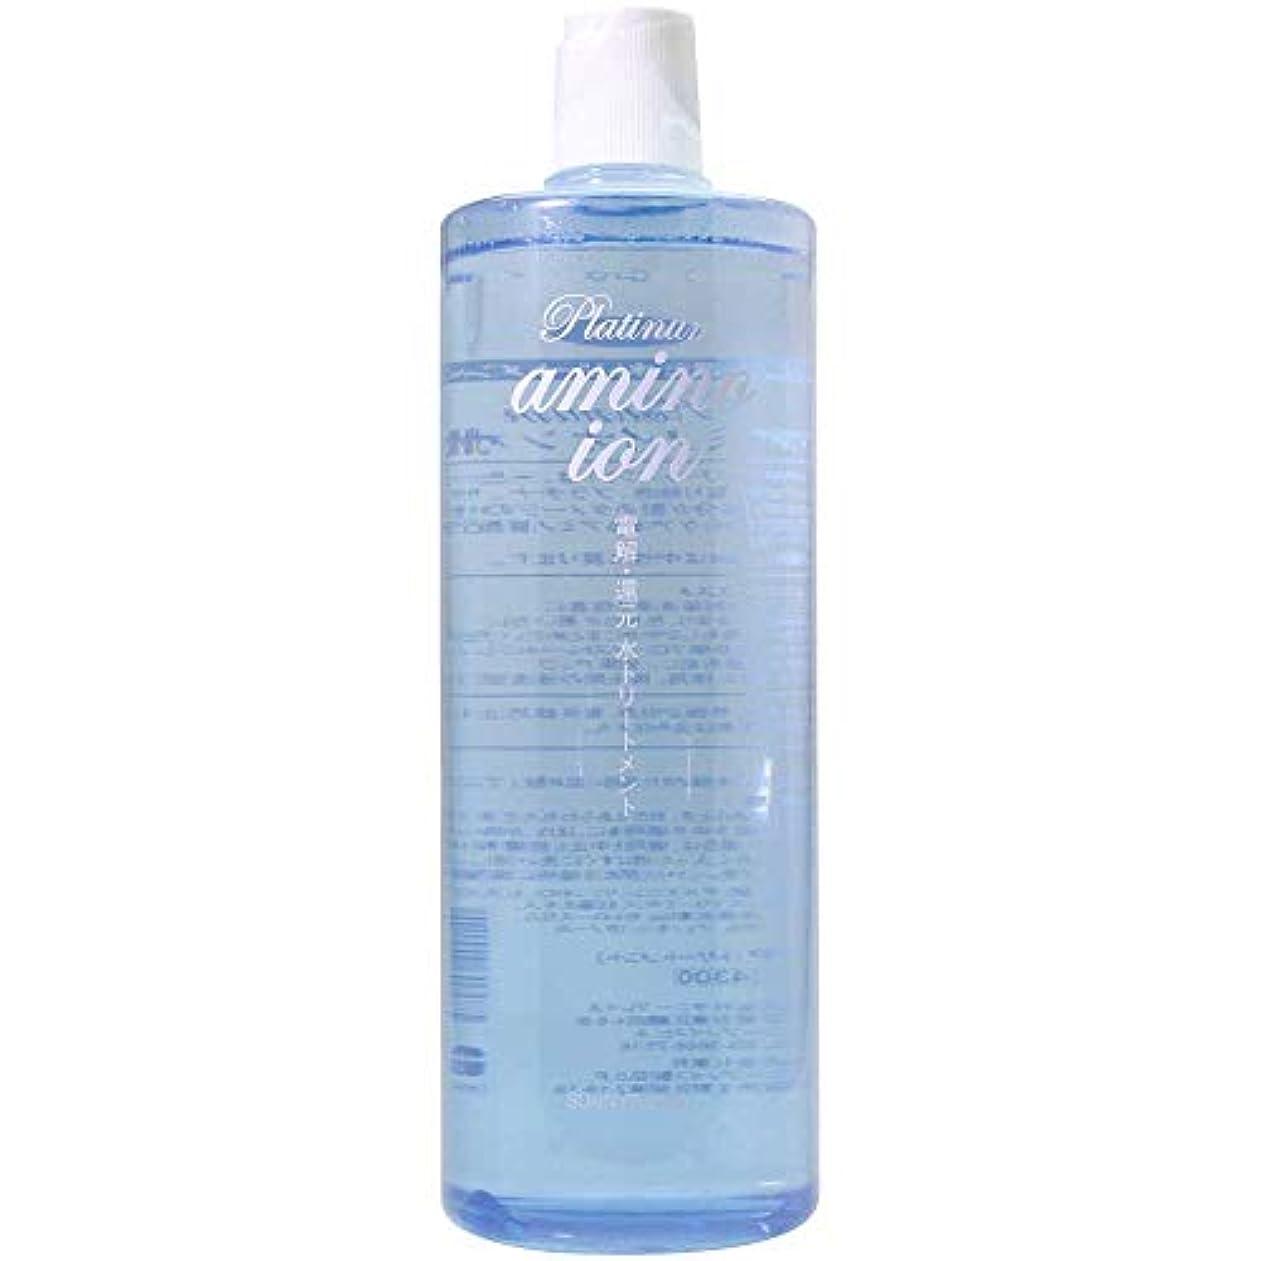 公平な肯定的イタリックサニープレイス プラチナアミノイオン水 1L [cosme]